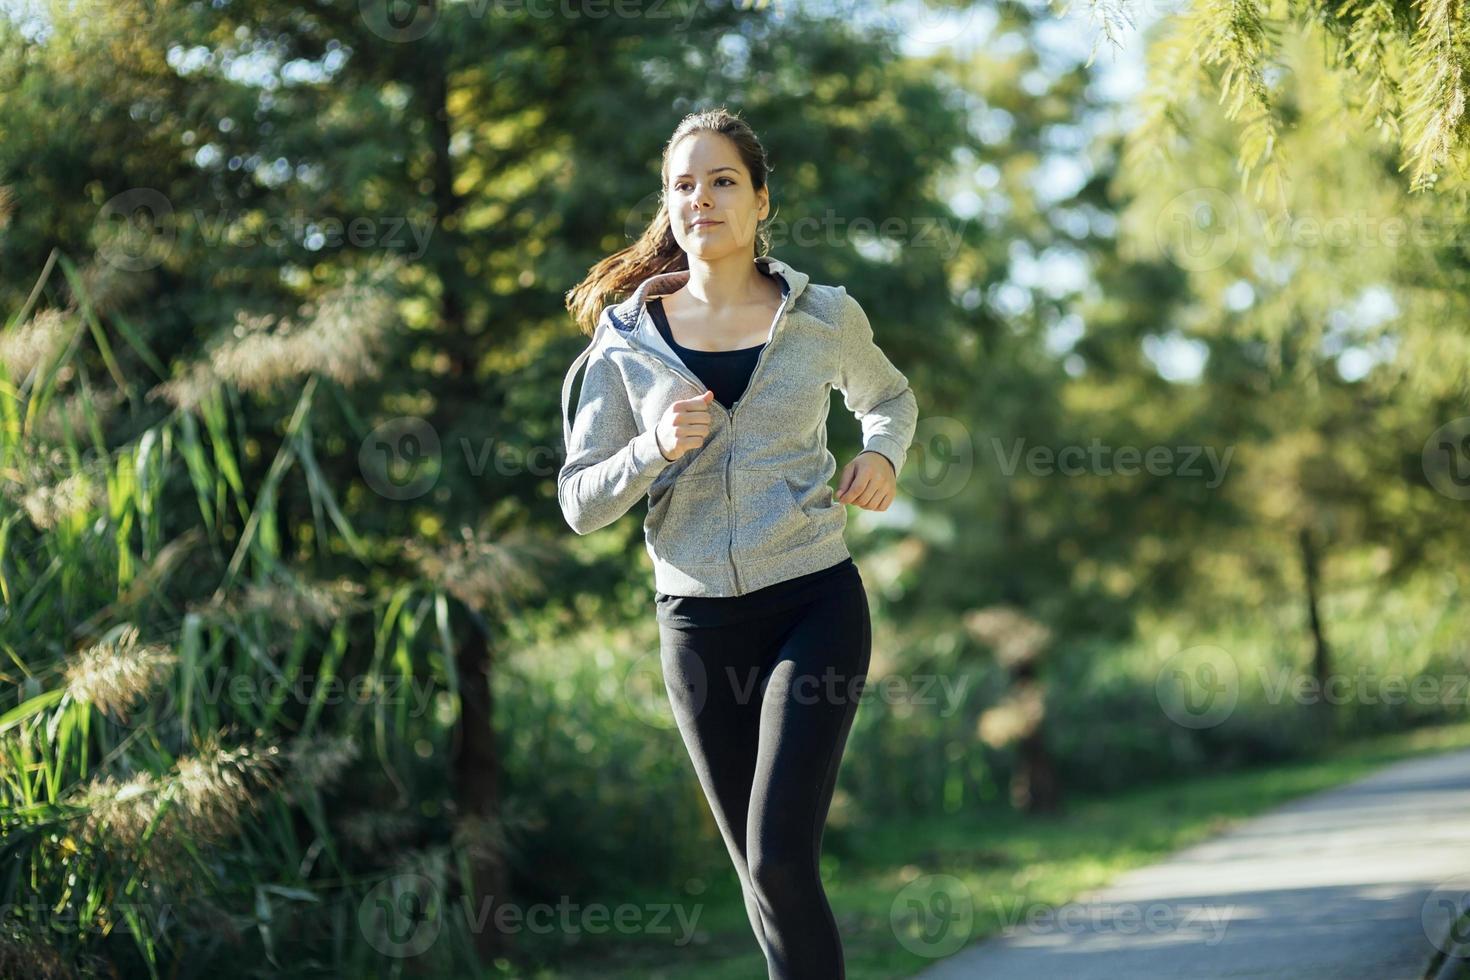 femme qui court dans le parc photo